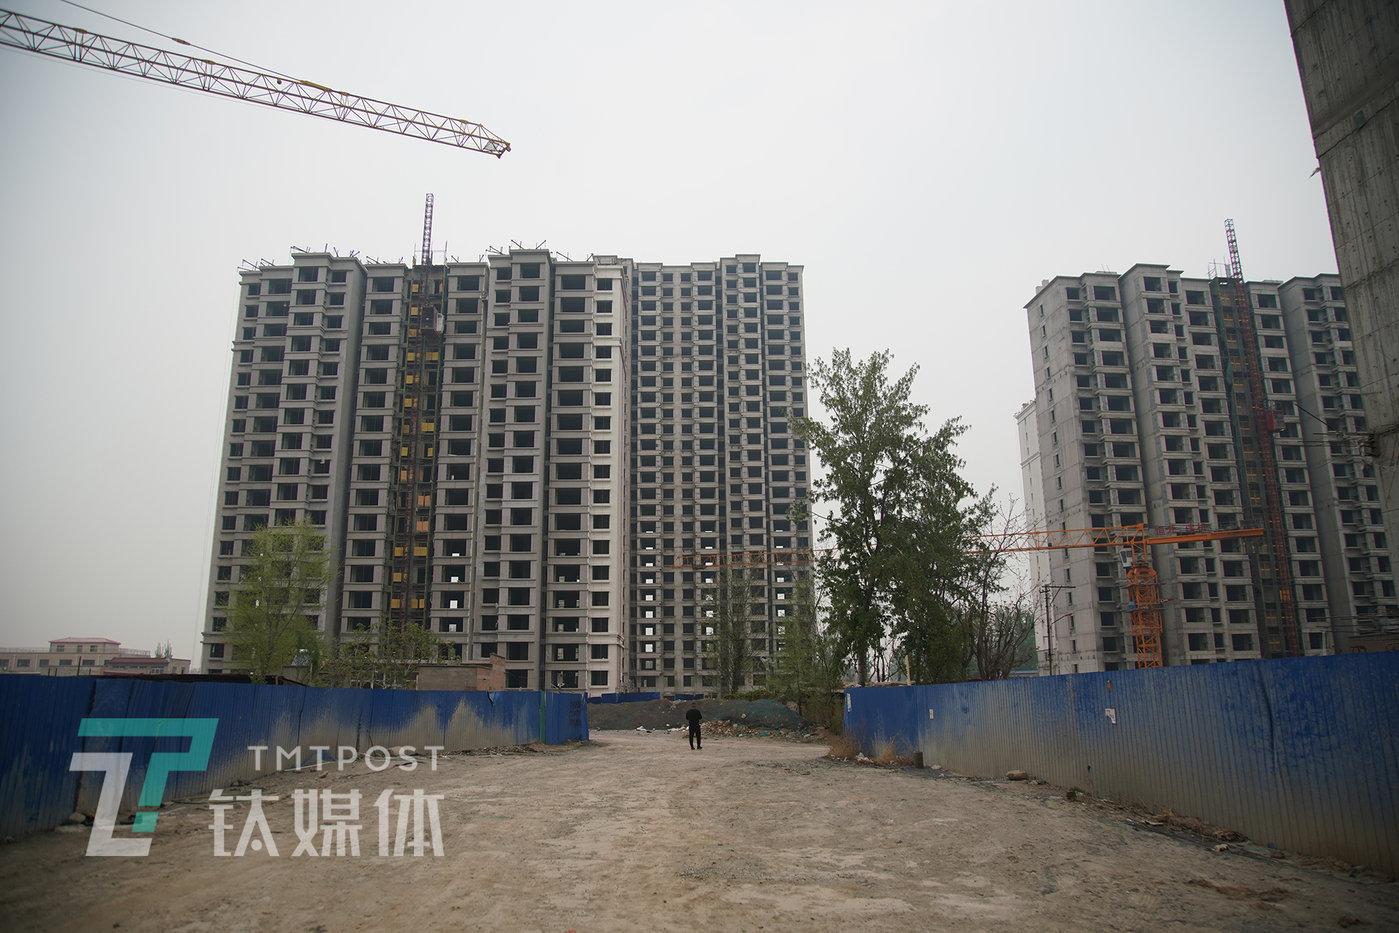 2021年4月12日,河北省保定涿州市华瑞卓悦城二期工地,一名业主前来察看施工进度,看到的是尚未复工的景象。